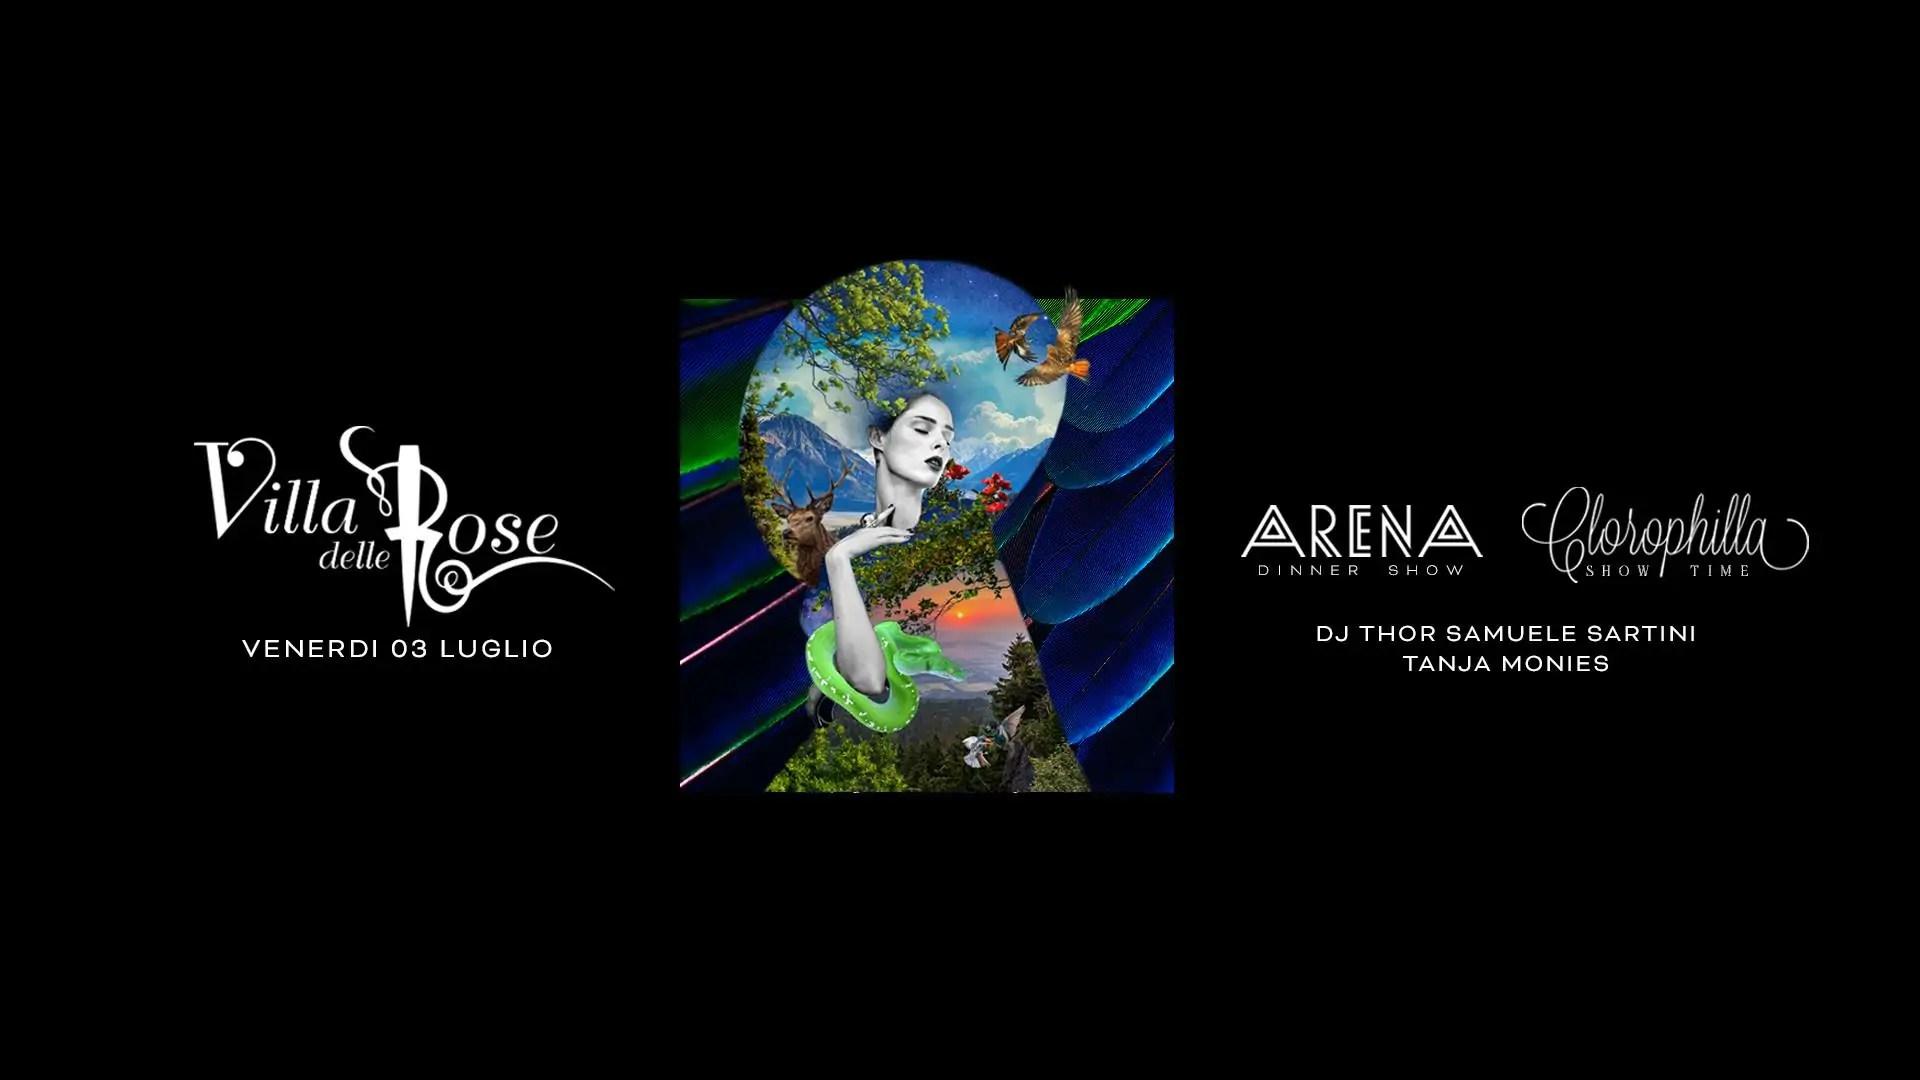 VILLA DELLE ROSE VENERDì 03 LUGLIO 2020